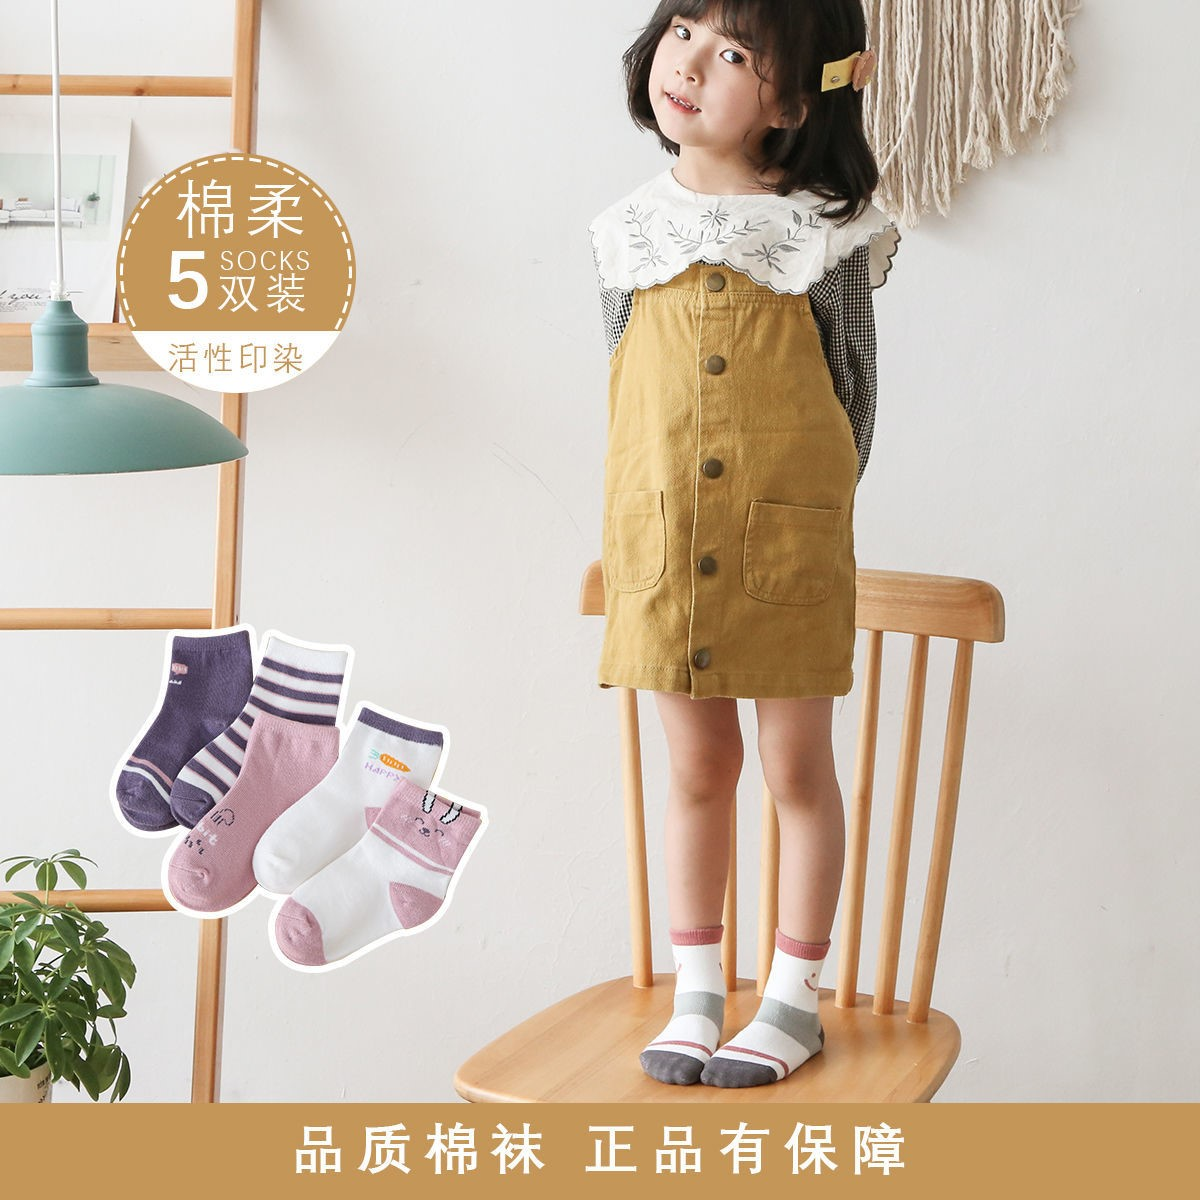 儿童袜子春秋冬季纯棉中筒袜婴儿宝宝透气男孩女童中大幼袜子加厚